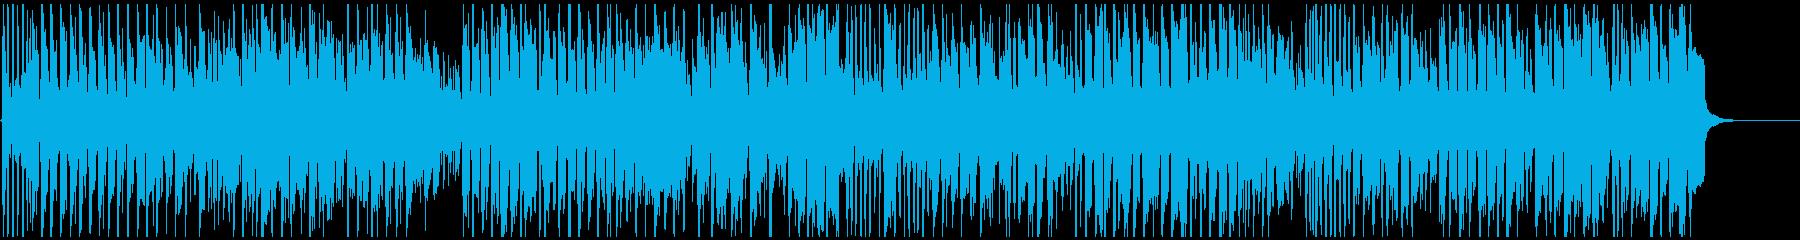 ブリブリした音色の爆速コメディ、お笑い曲の再生済みの波形